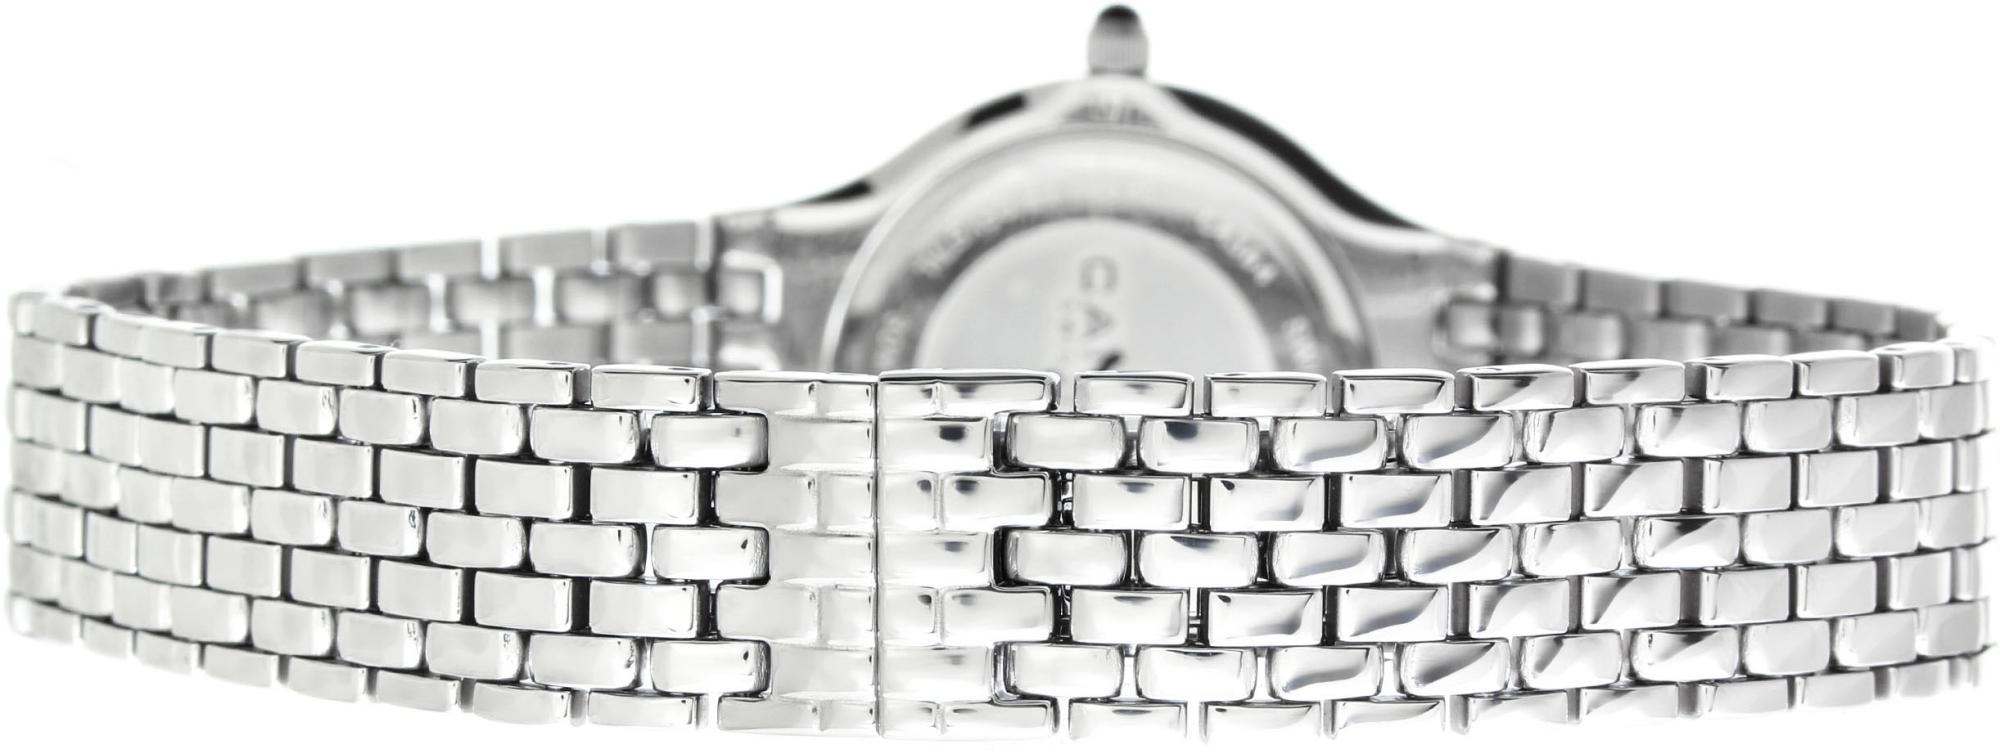 Candino Timeless C4364/4Наручные часы<br>Швейцарские часы Candino Timeless C4364/4Представленная модель входит в коллекцию Timeless. Это стильные мужские часы. Материал корпуса часов — сталь. В этих часах используется сапфировое стекло. Водозащита этой модели 30 м.<br><br>Пол: Мужские<br>Страна-производитель: Швейцария<br>Механизм: Кварцевый<br>Материал корпуса: Сталь<br>Материал ремня/браслета: Сталь<br>Водозащита, диапазон: 20 - 100 м<br>Стекло: Сапфировое<br>Толщина корпуса: None<br>Стиль: None